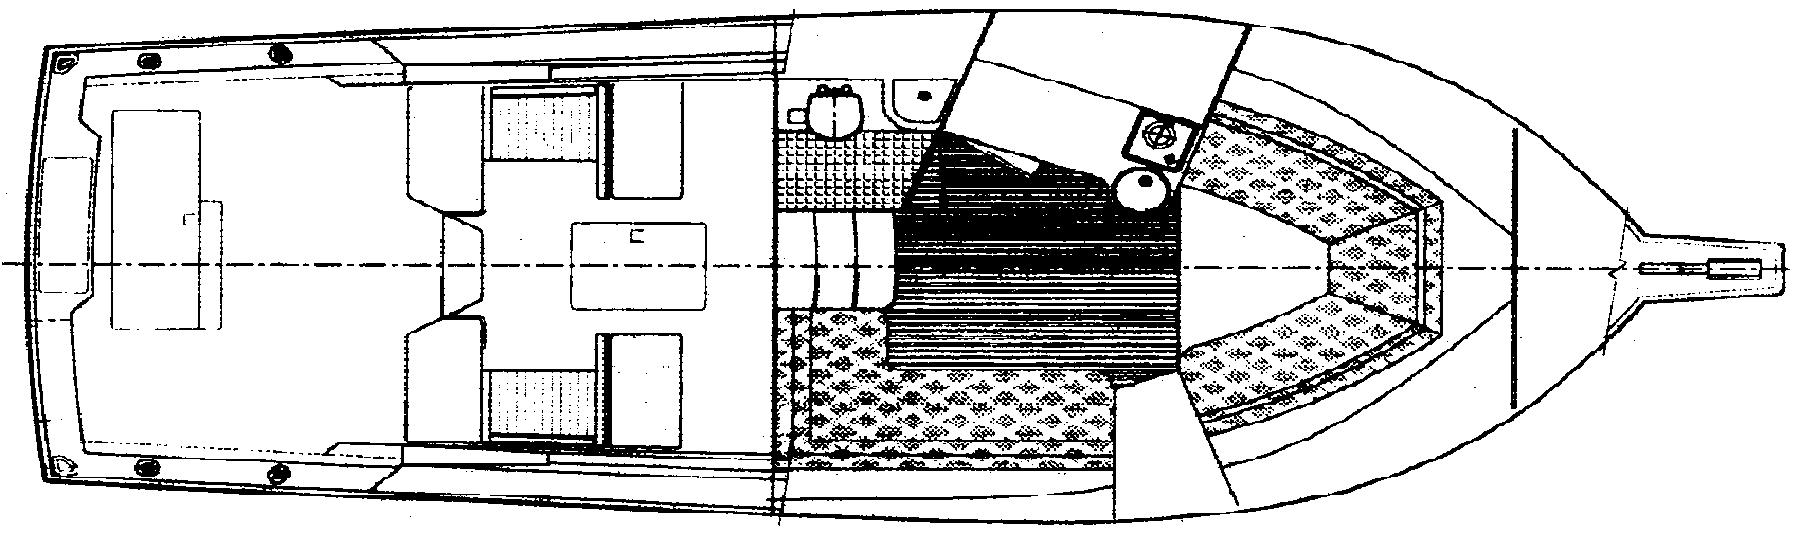 31 Express Floor Plan 2